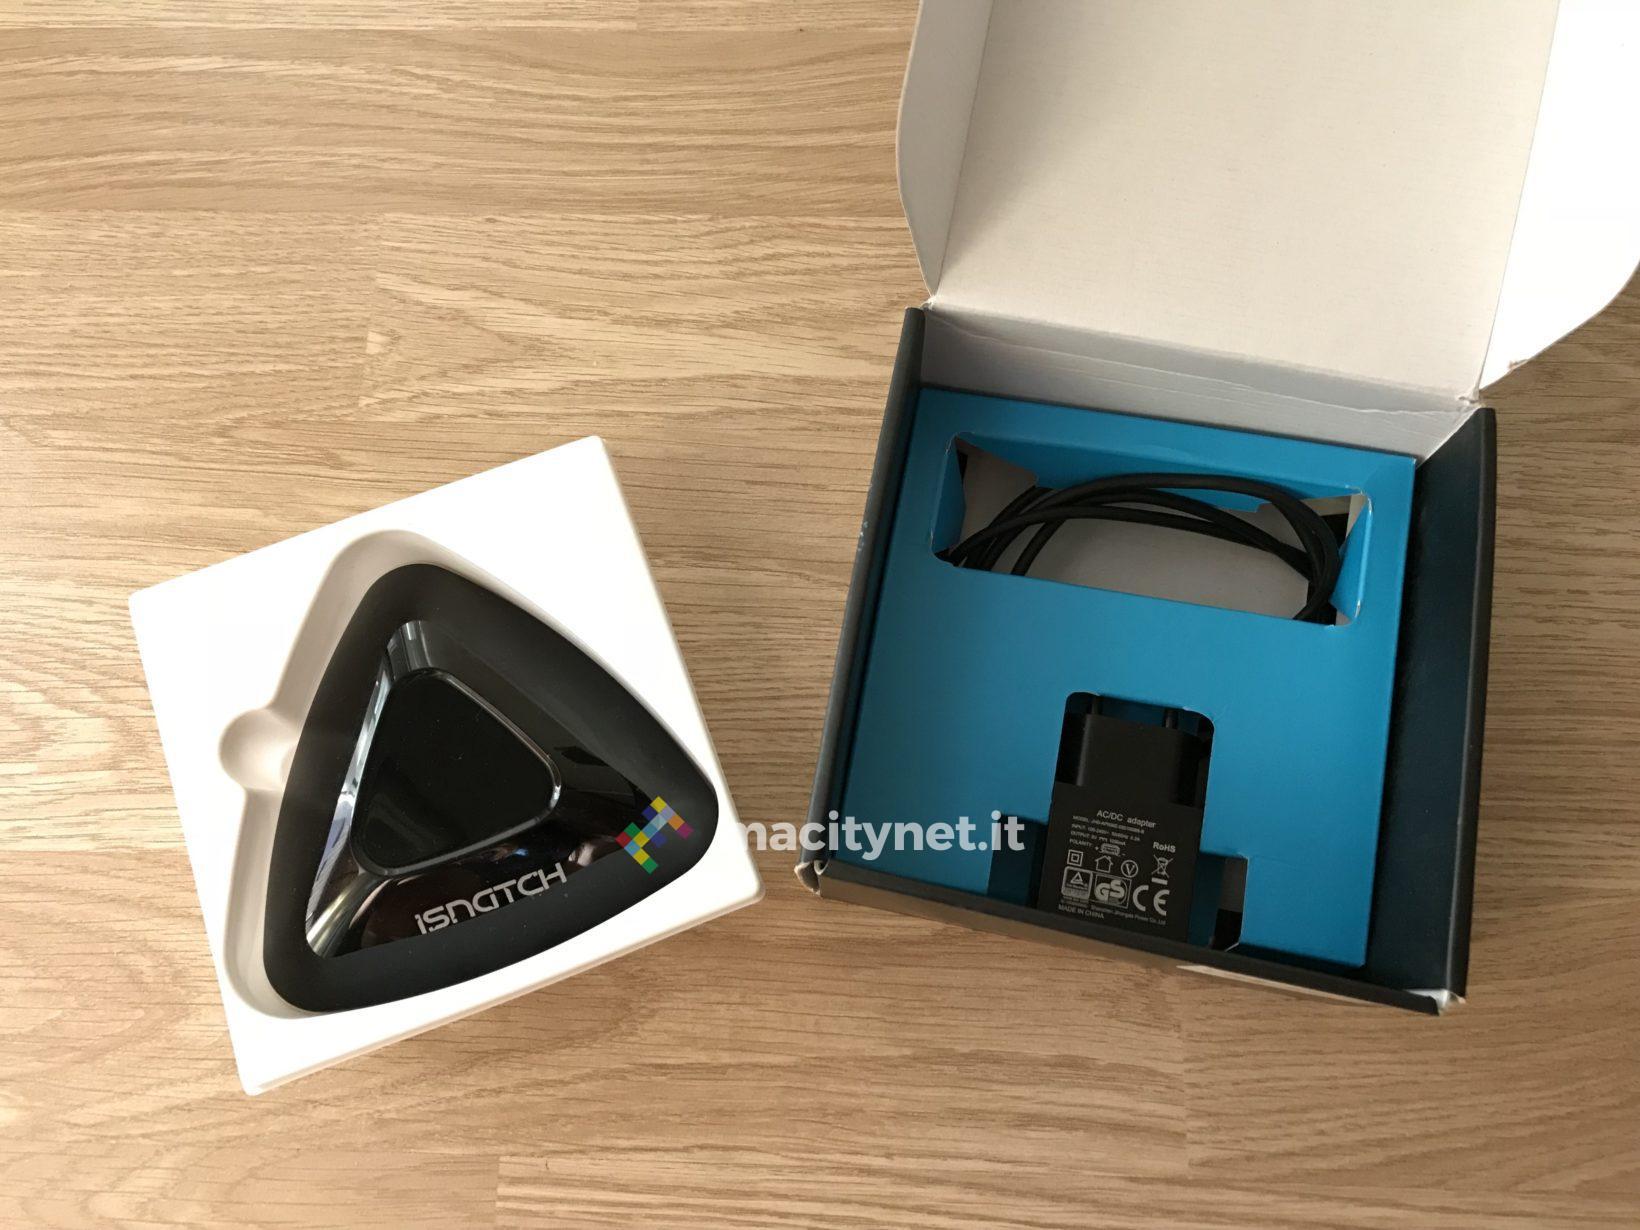 Recensione iSnatch WiRi, l'accessorio infrarosso per la casa smart